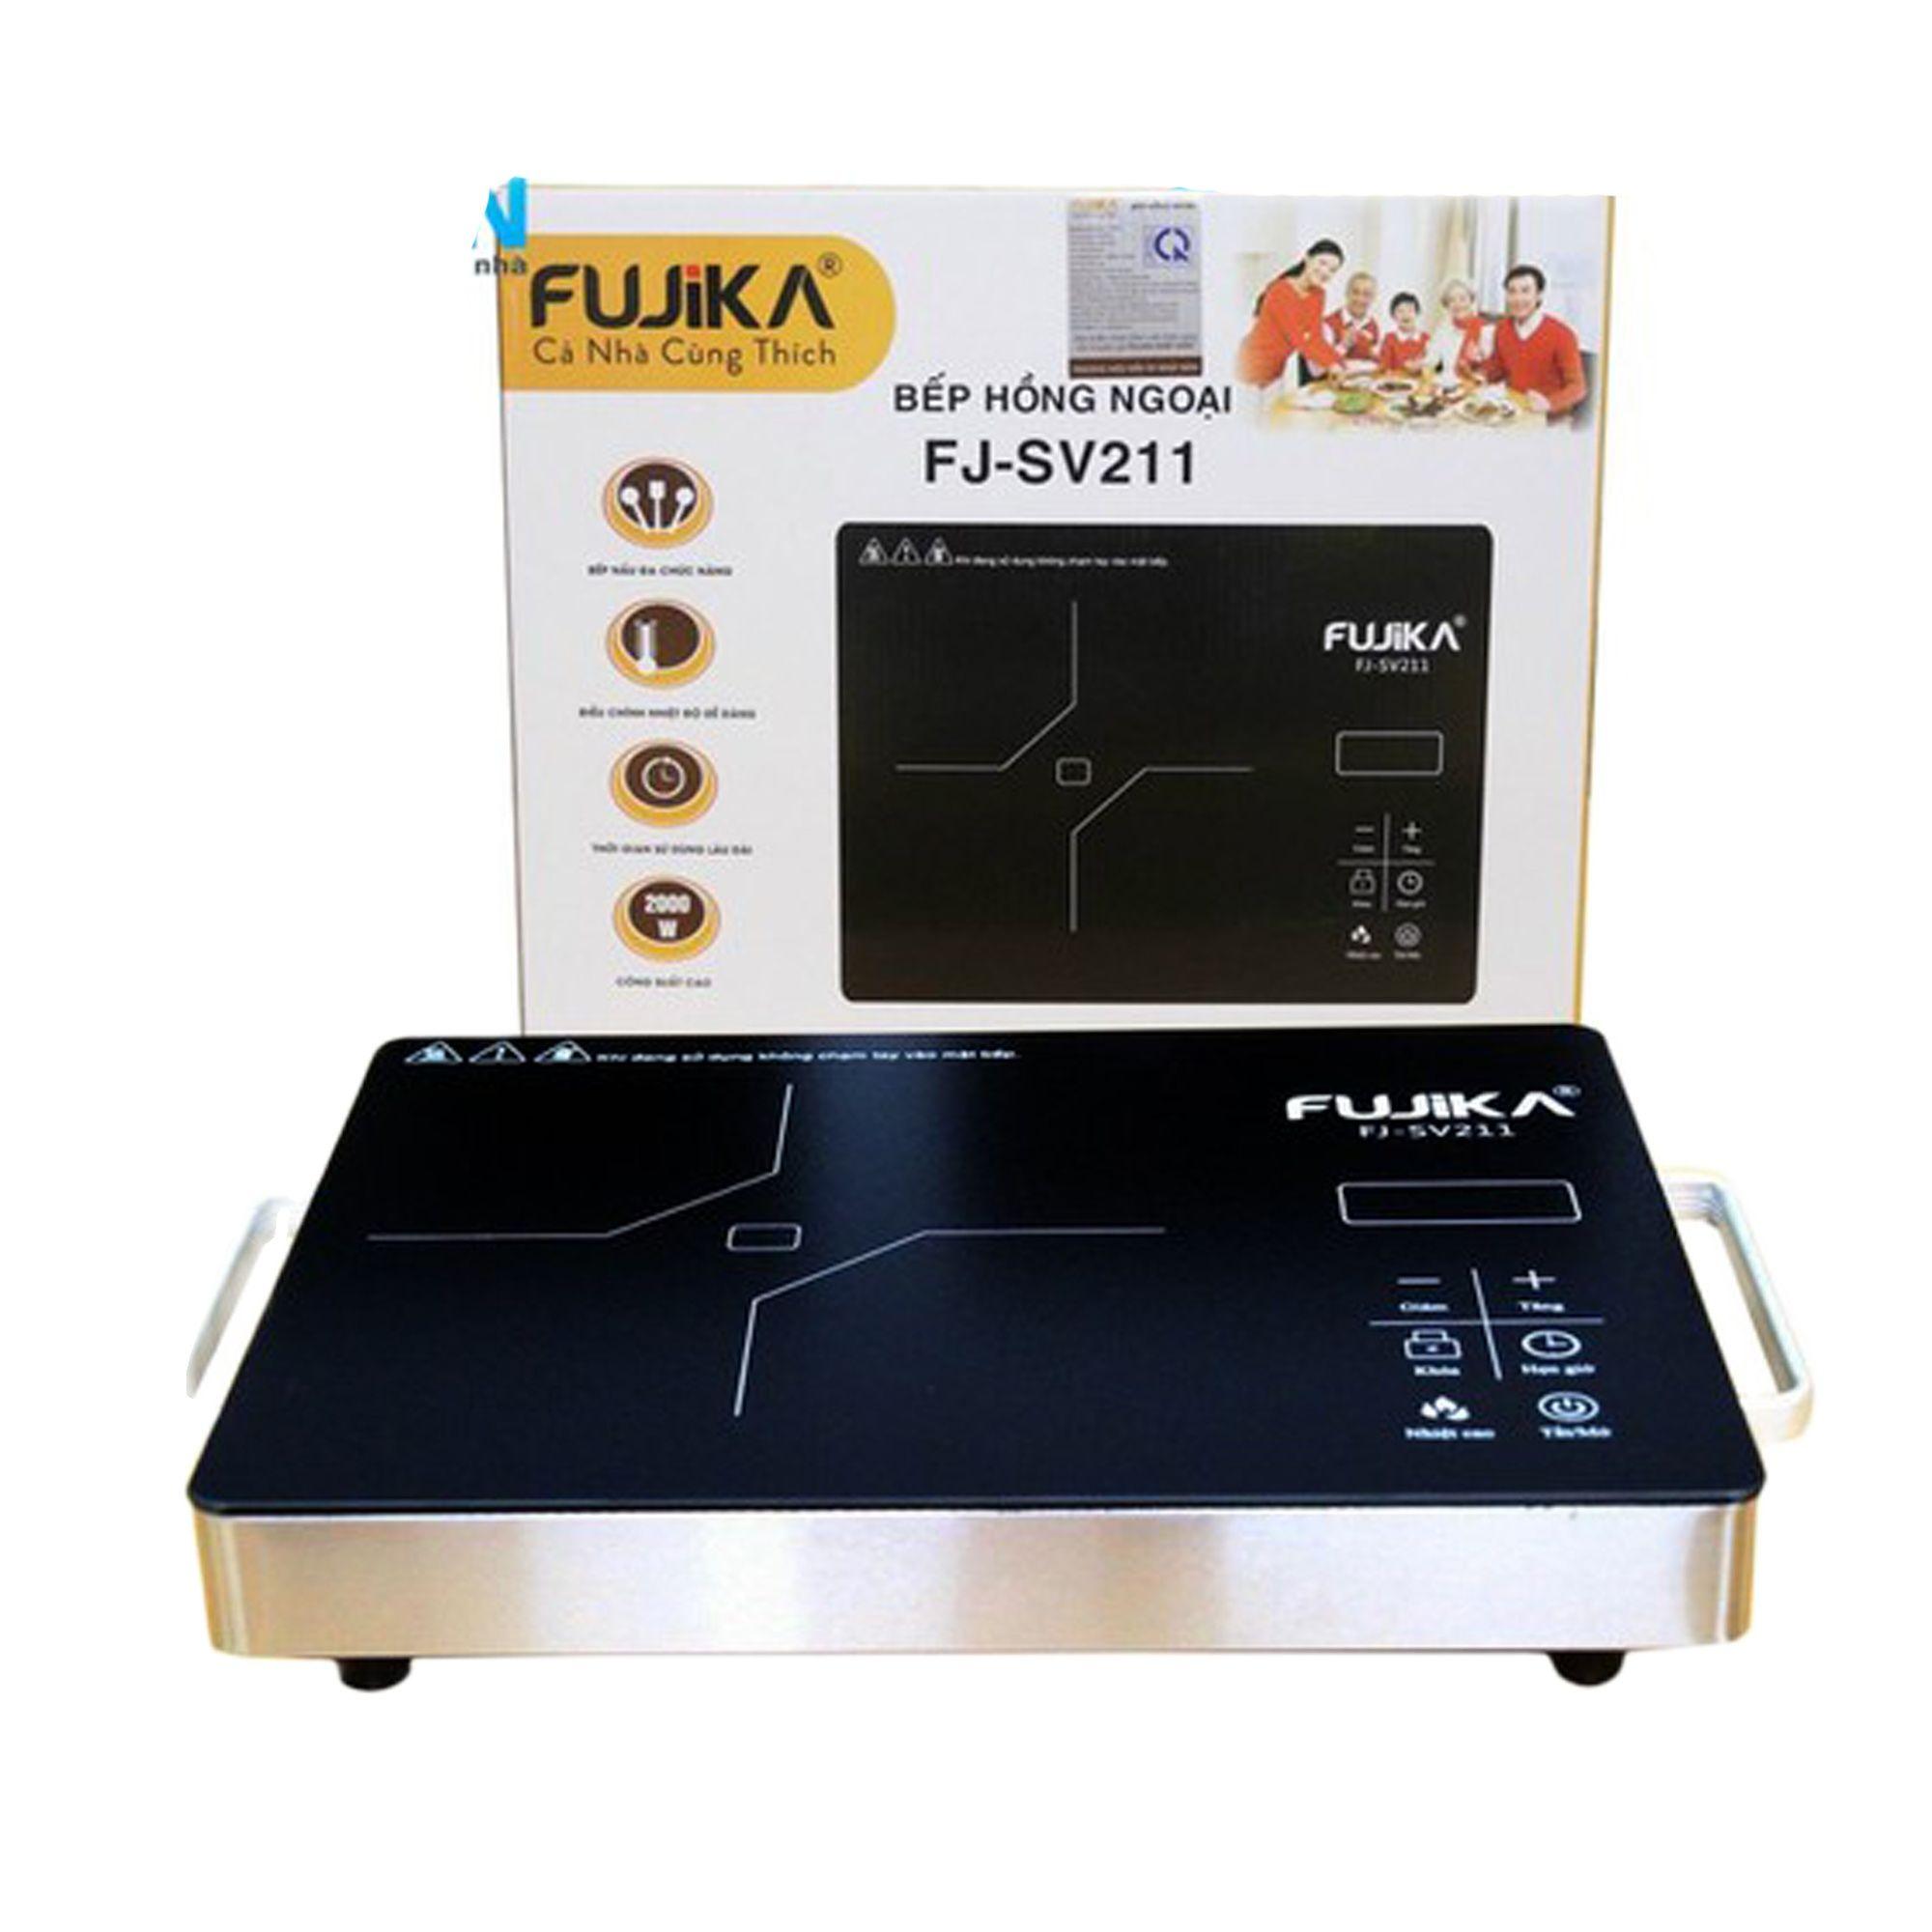 [ HÀNG CHÍNH HÃNG ] Bếp Hồng Ngoại 2000W Fujika FJ-SV211/NK-Media-SV222 Cao Cấp, Mặt Kính Cường Lực Nấu Mọi Loại Nồi, BẢO HÀNH 12 THÁNG